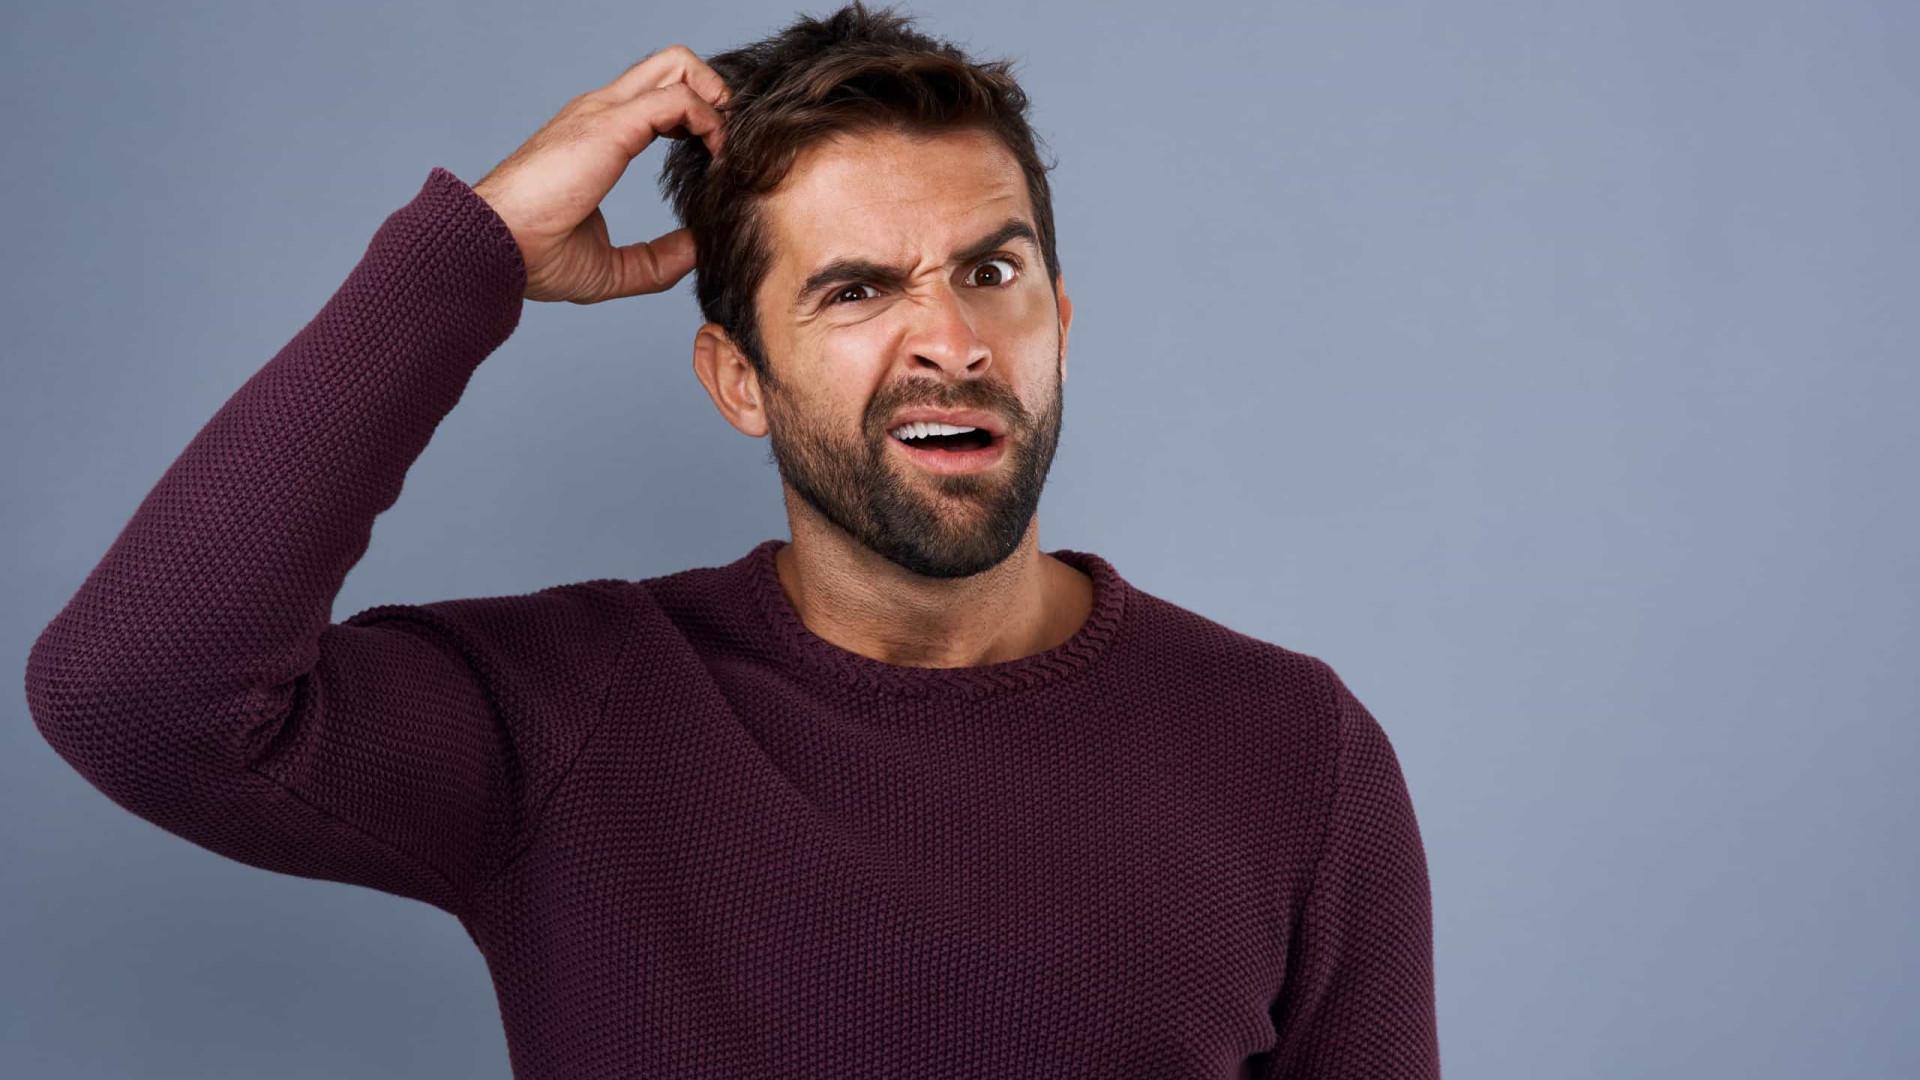 Sente coceira na cabeça? Aprenda a cuidar do couro cabeludo seco